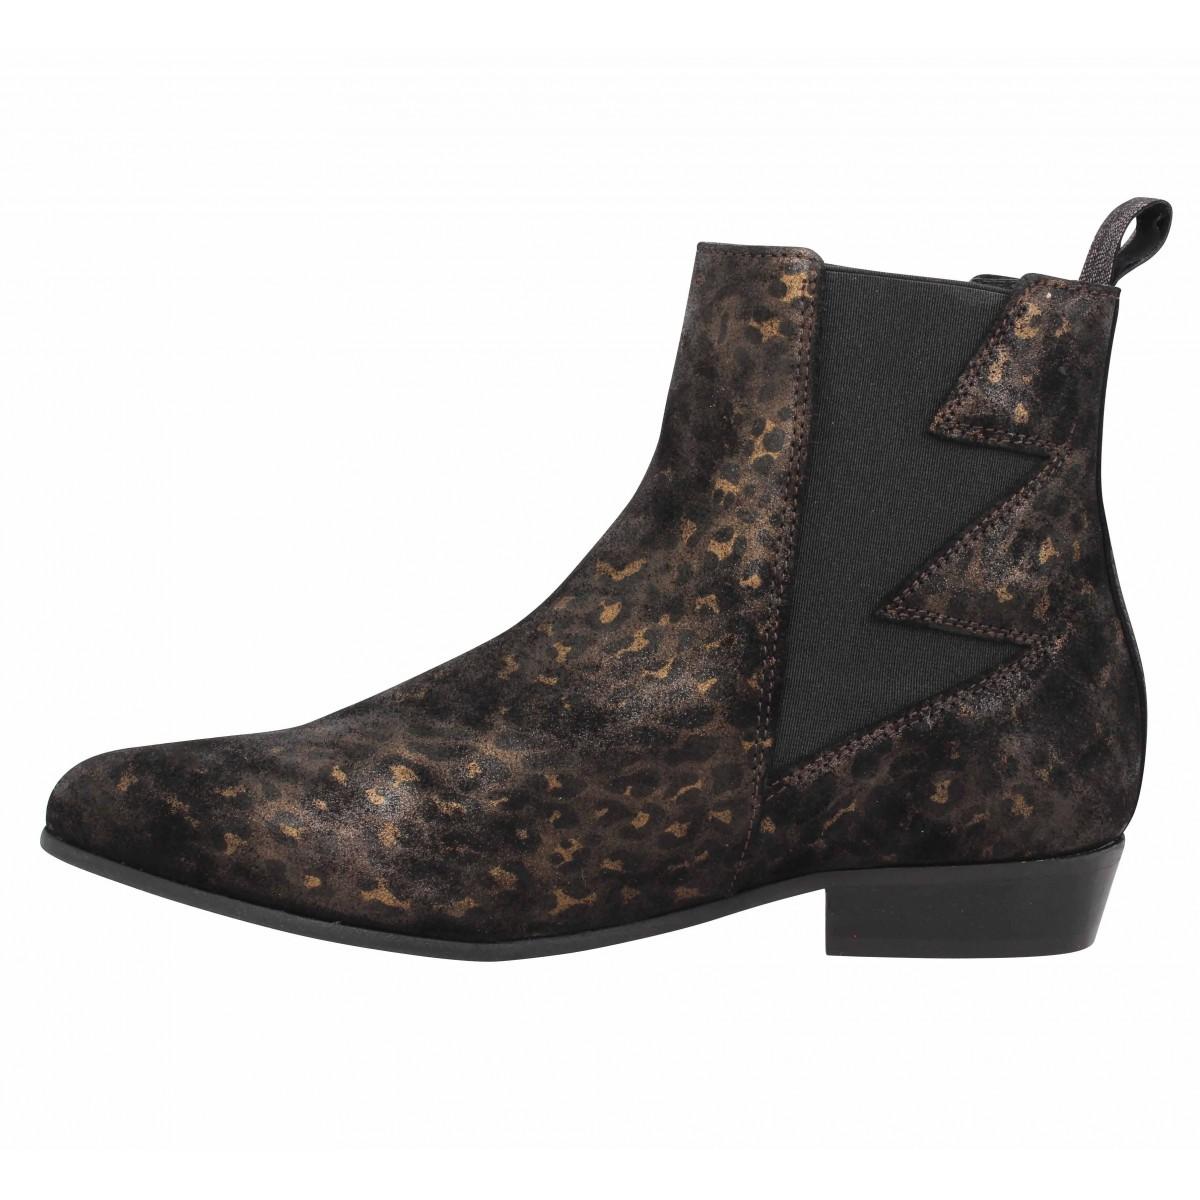 e6c42301e6e4a Schmoove peckham boots cuir femme noir femme   Fanny chaussures